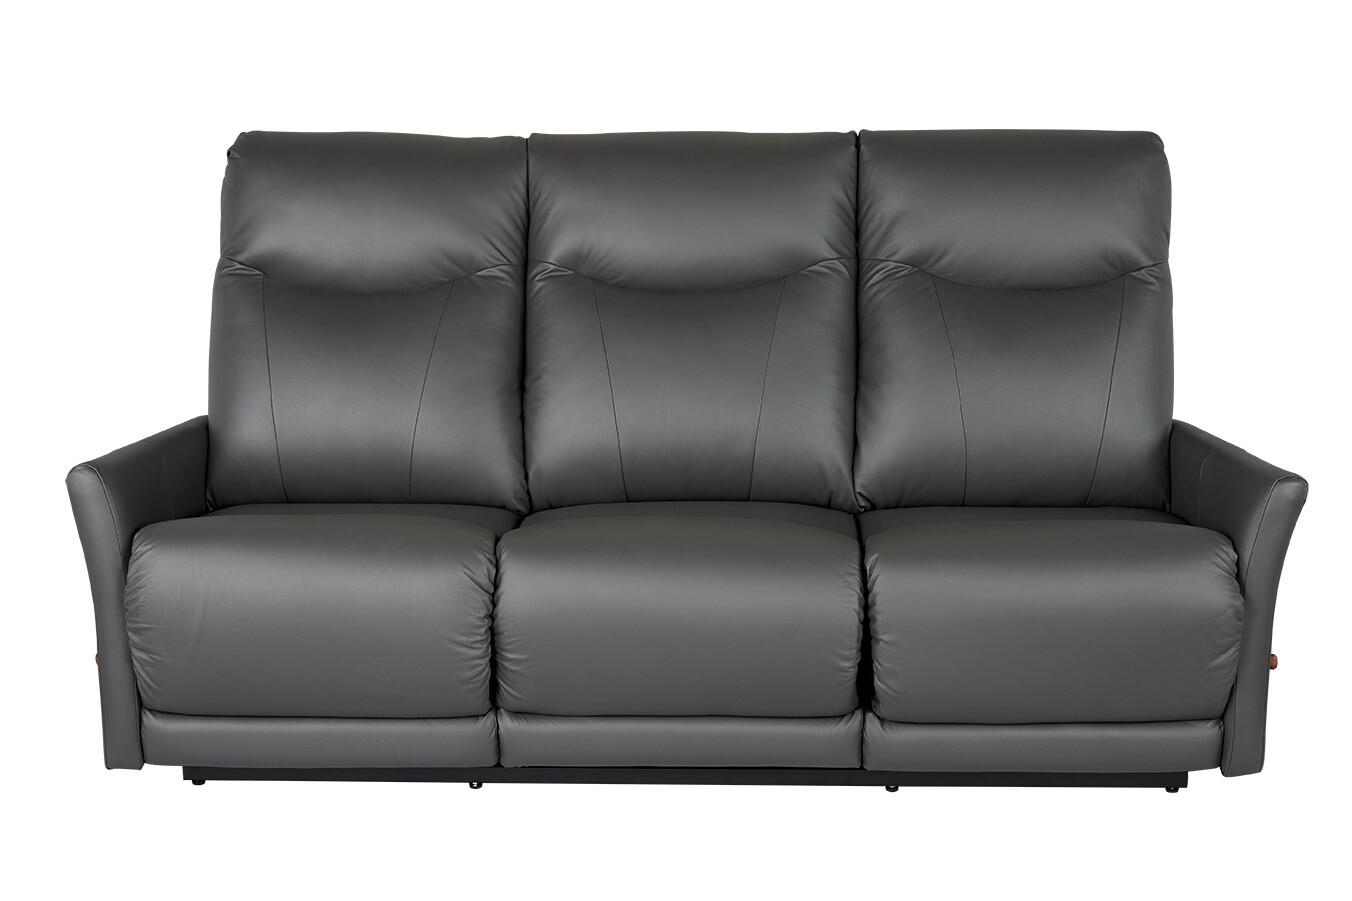 HARMONY Reclining Leather Sofa